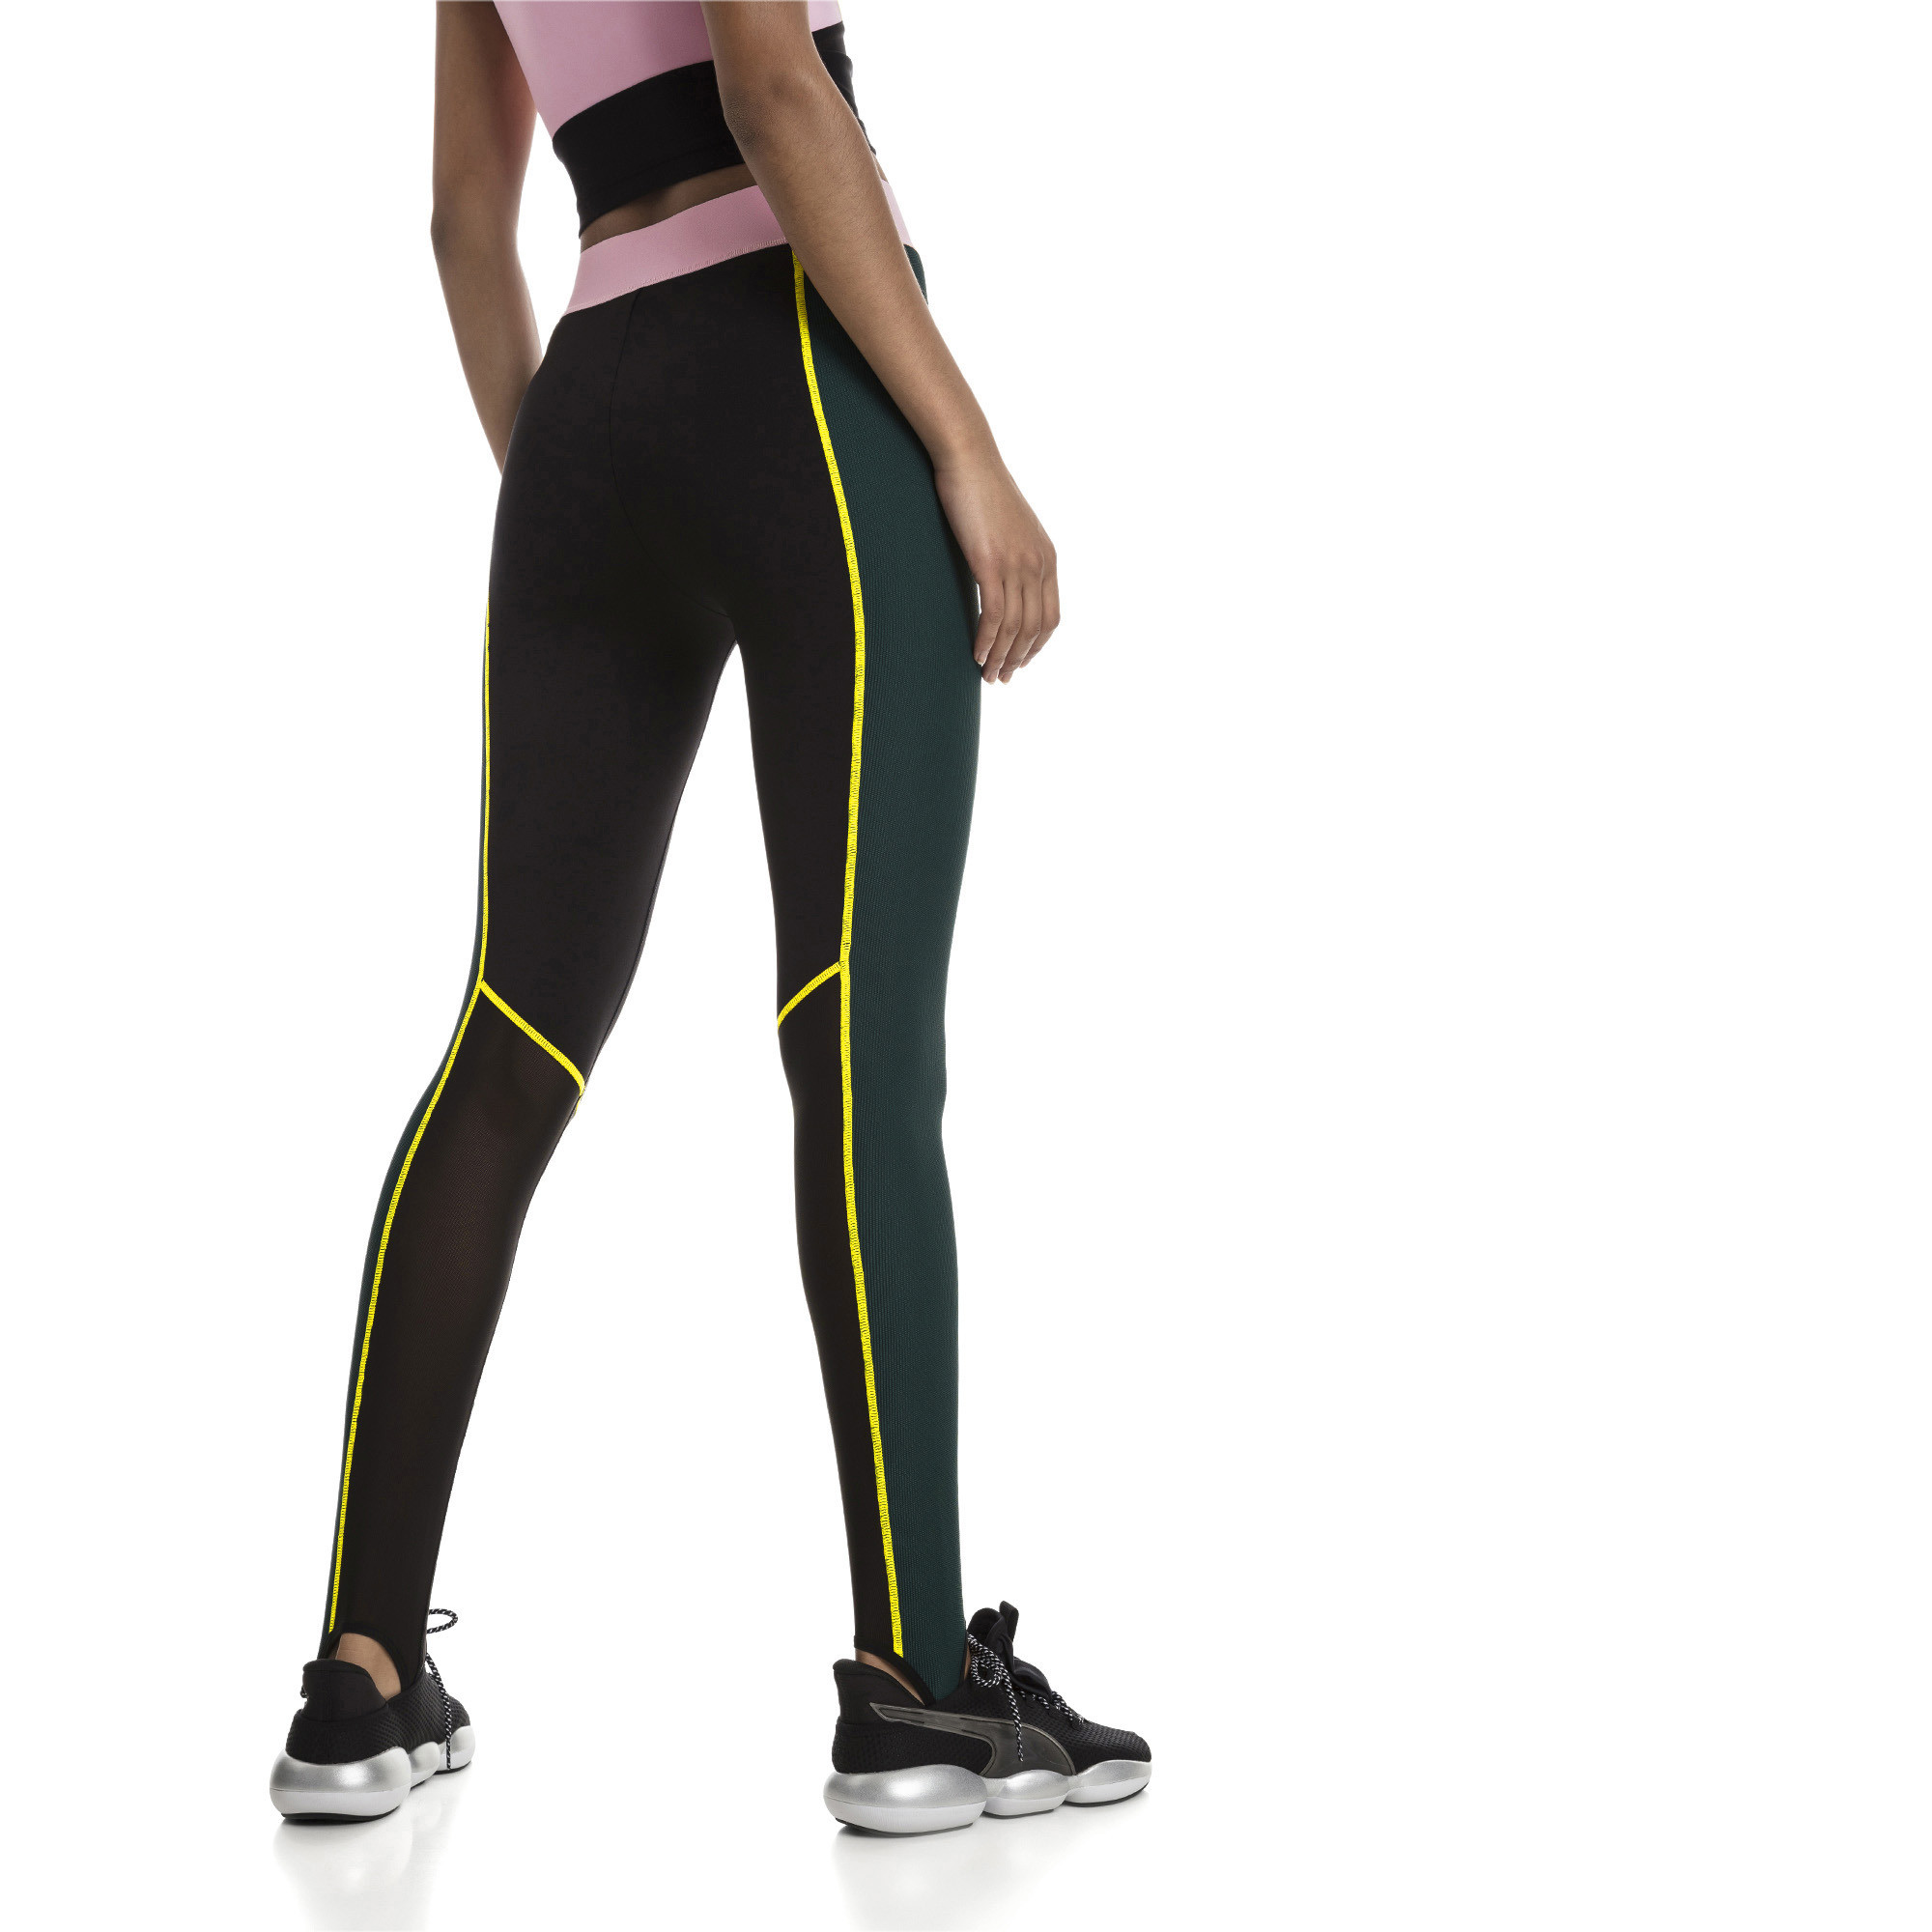 Calzas con cintura alta y estribos TZ para mujer